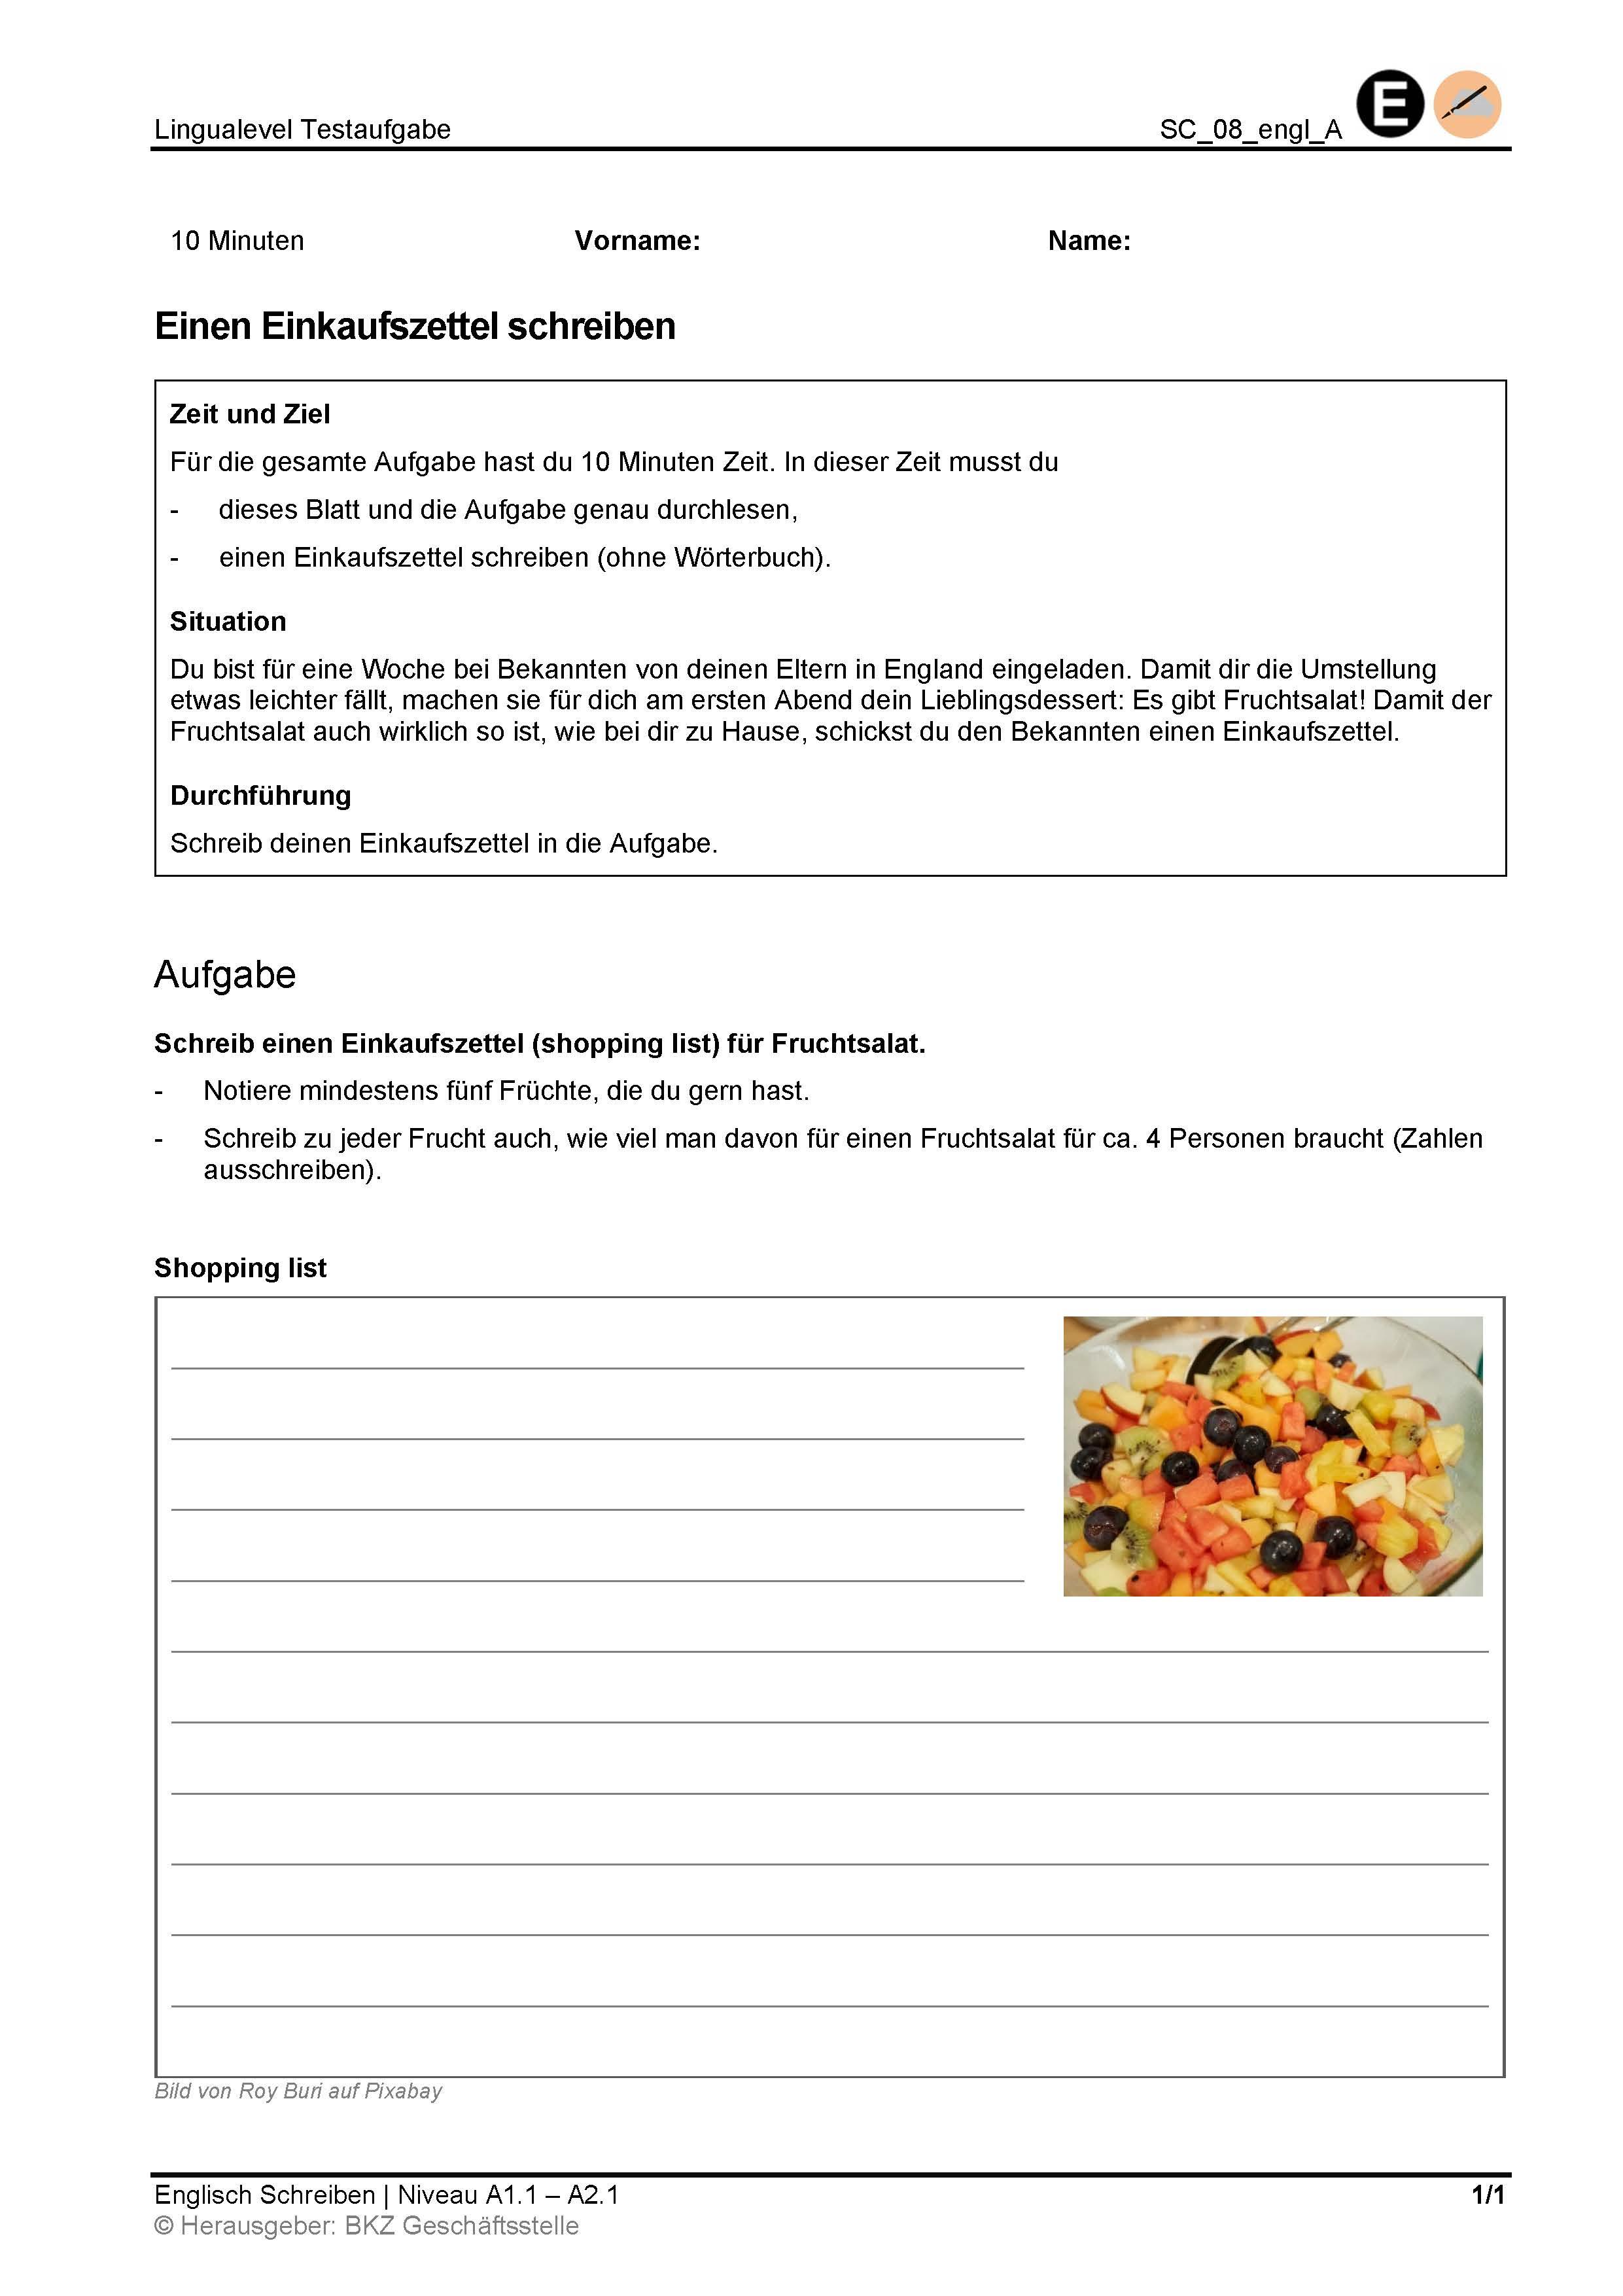 Preview image for LOM object Schreiben: Einen Einkaufszettel schreiben